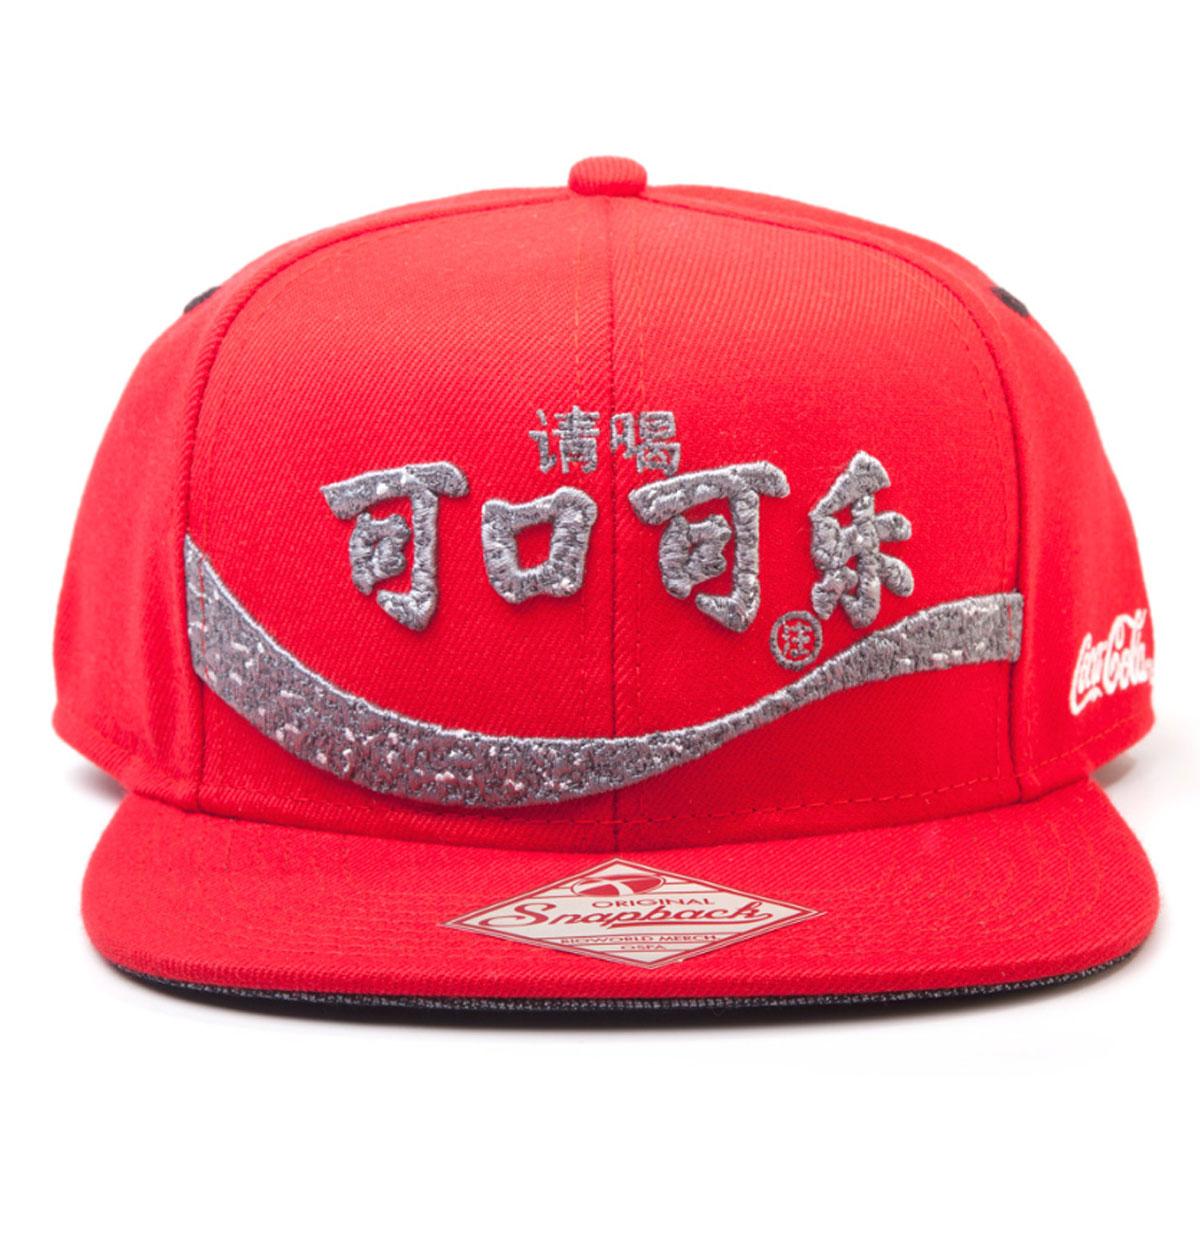 Coca-Cola Red Snap Back Cap